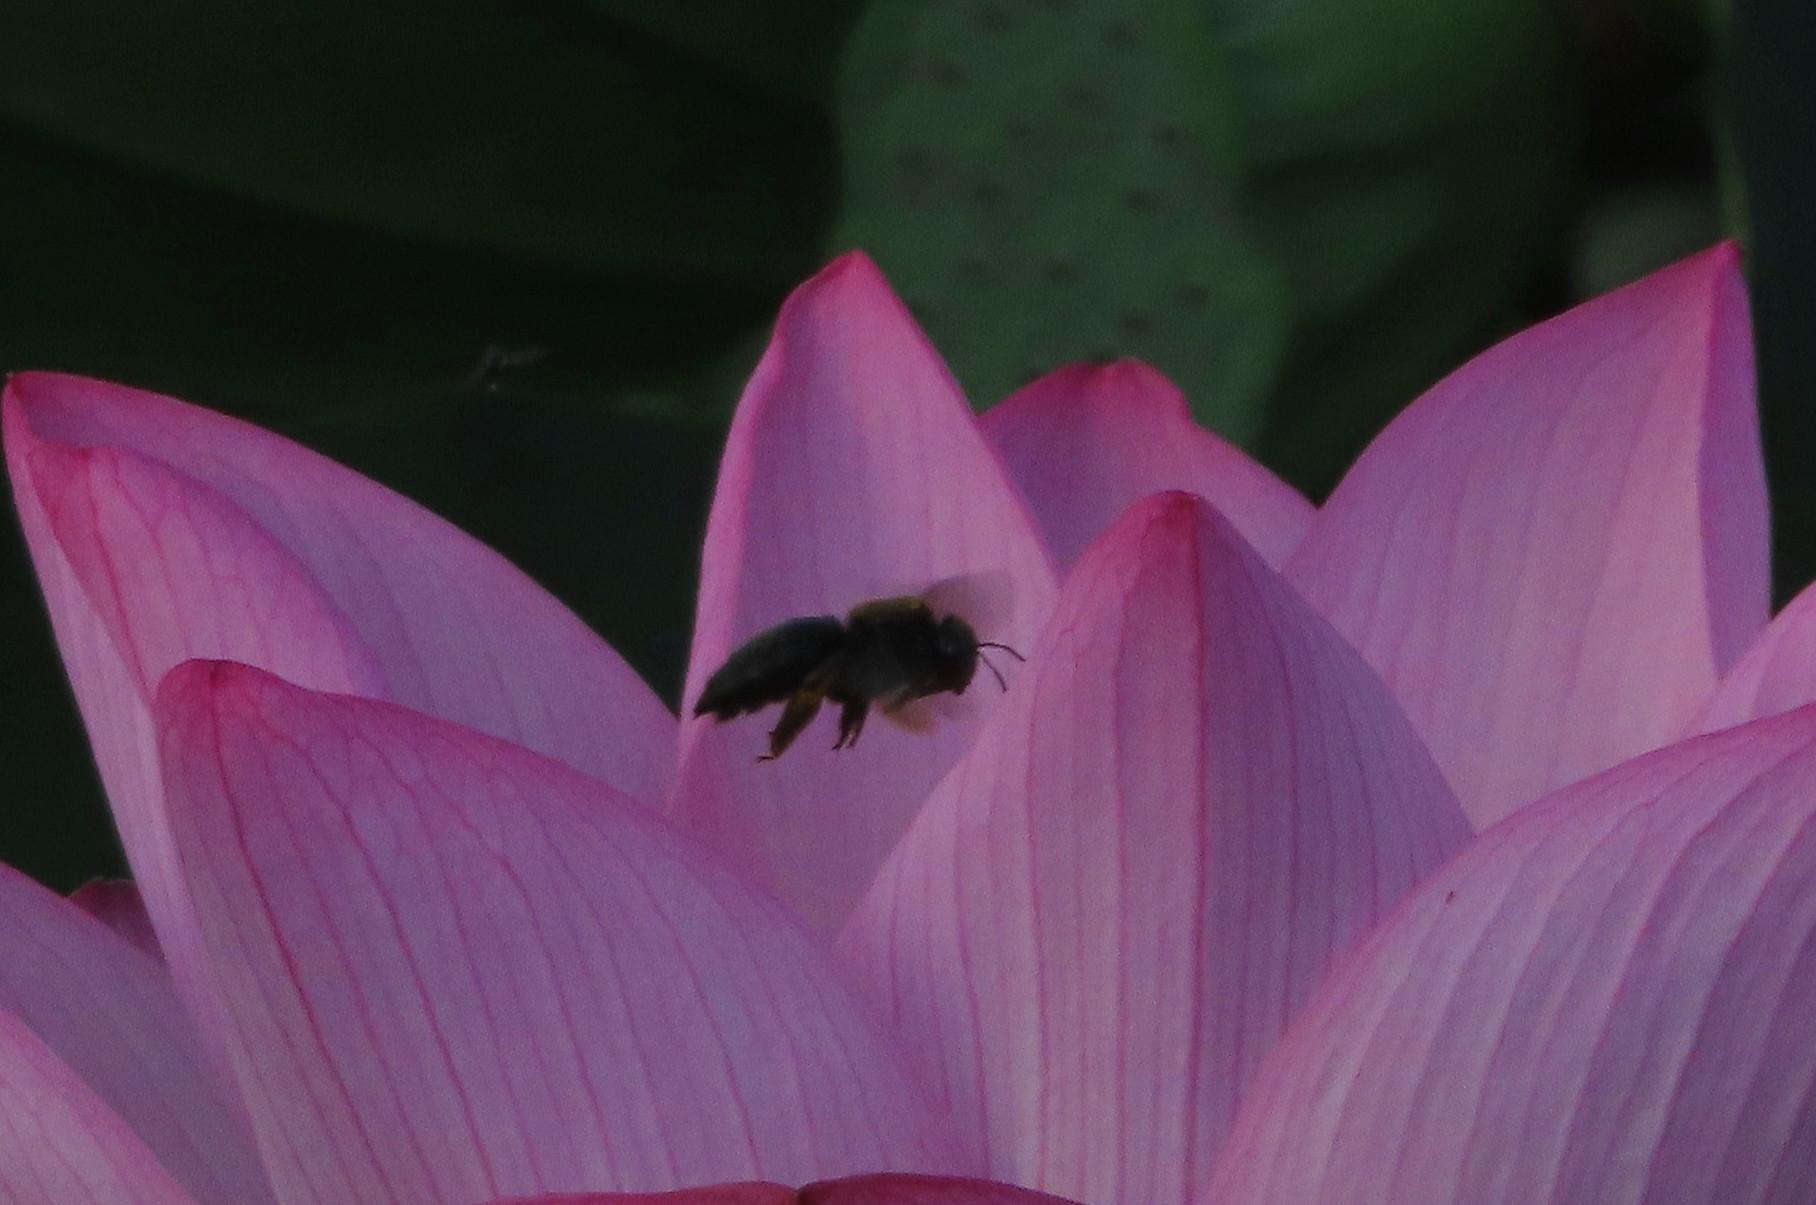 極楽浄土 蓮の花 2021/07/22_d0048812_10471400.jpg